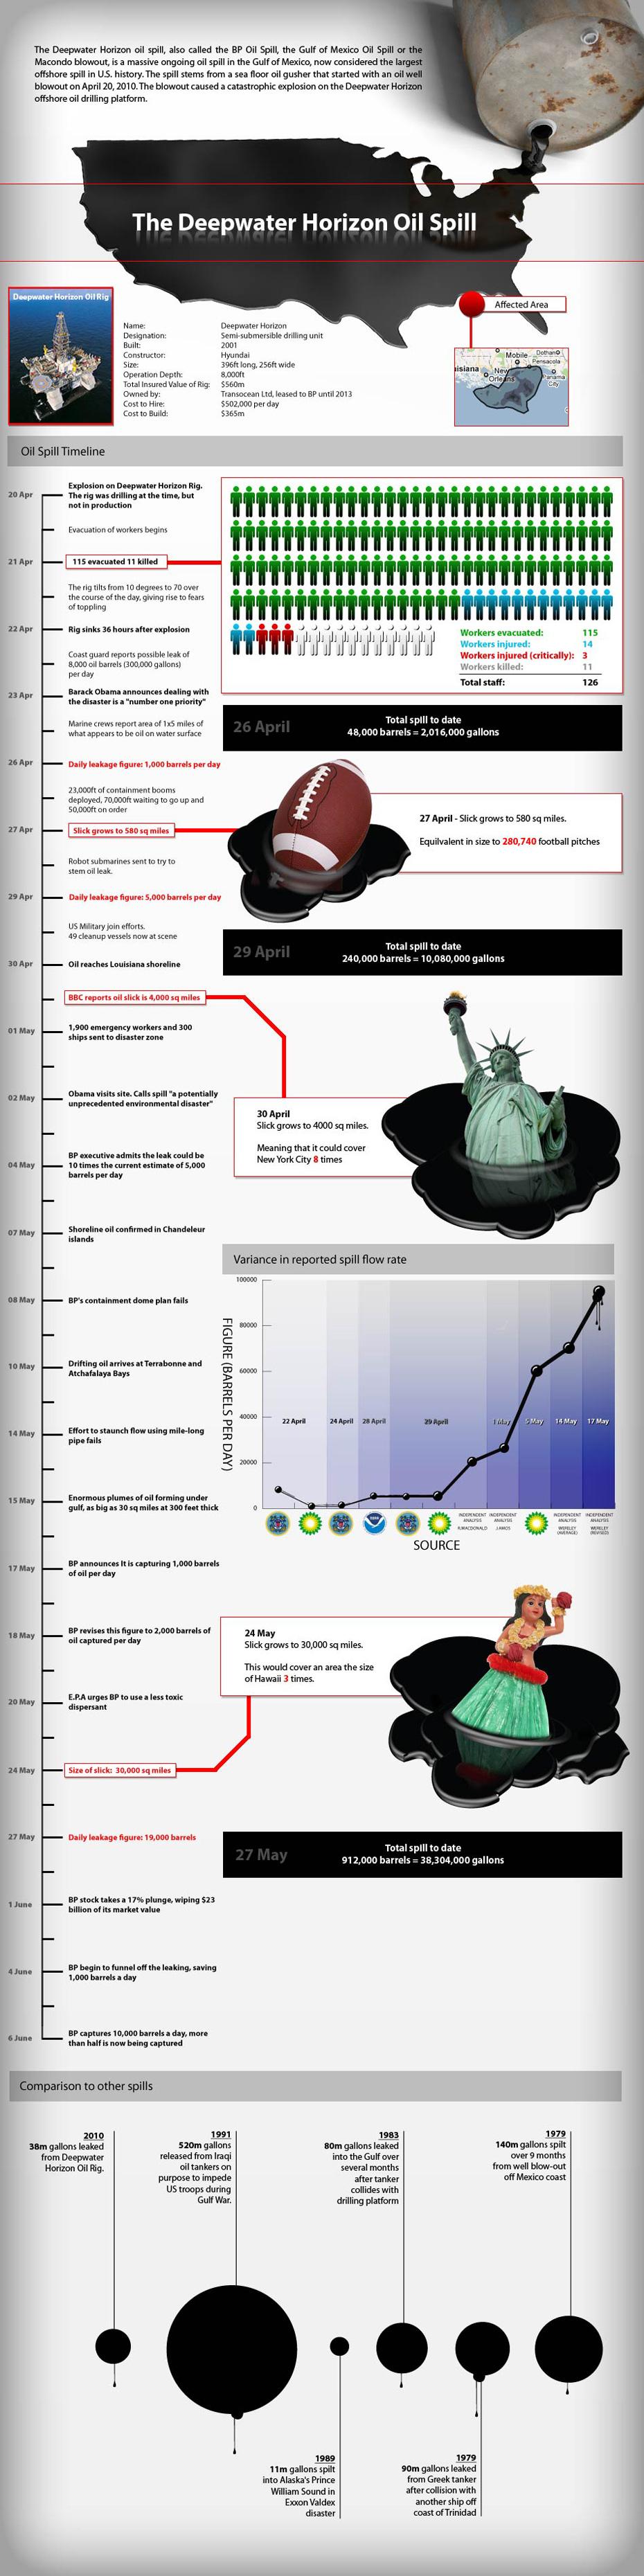 Oil Slick Timeline